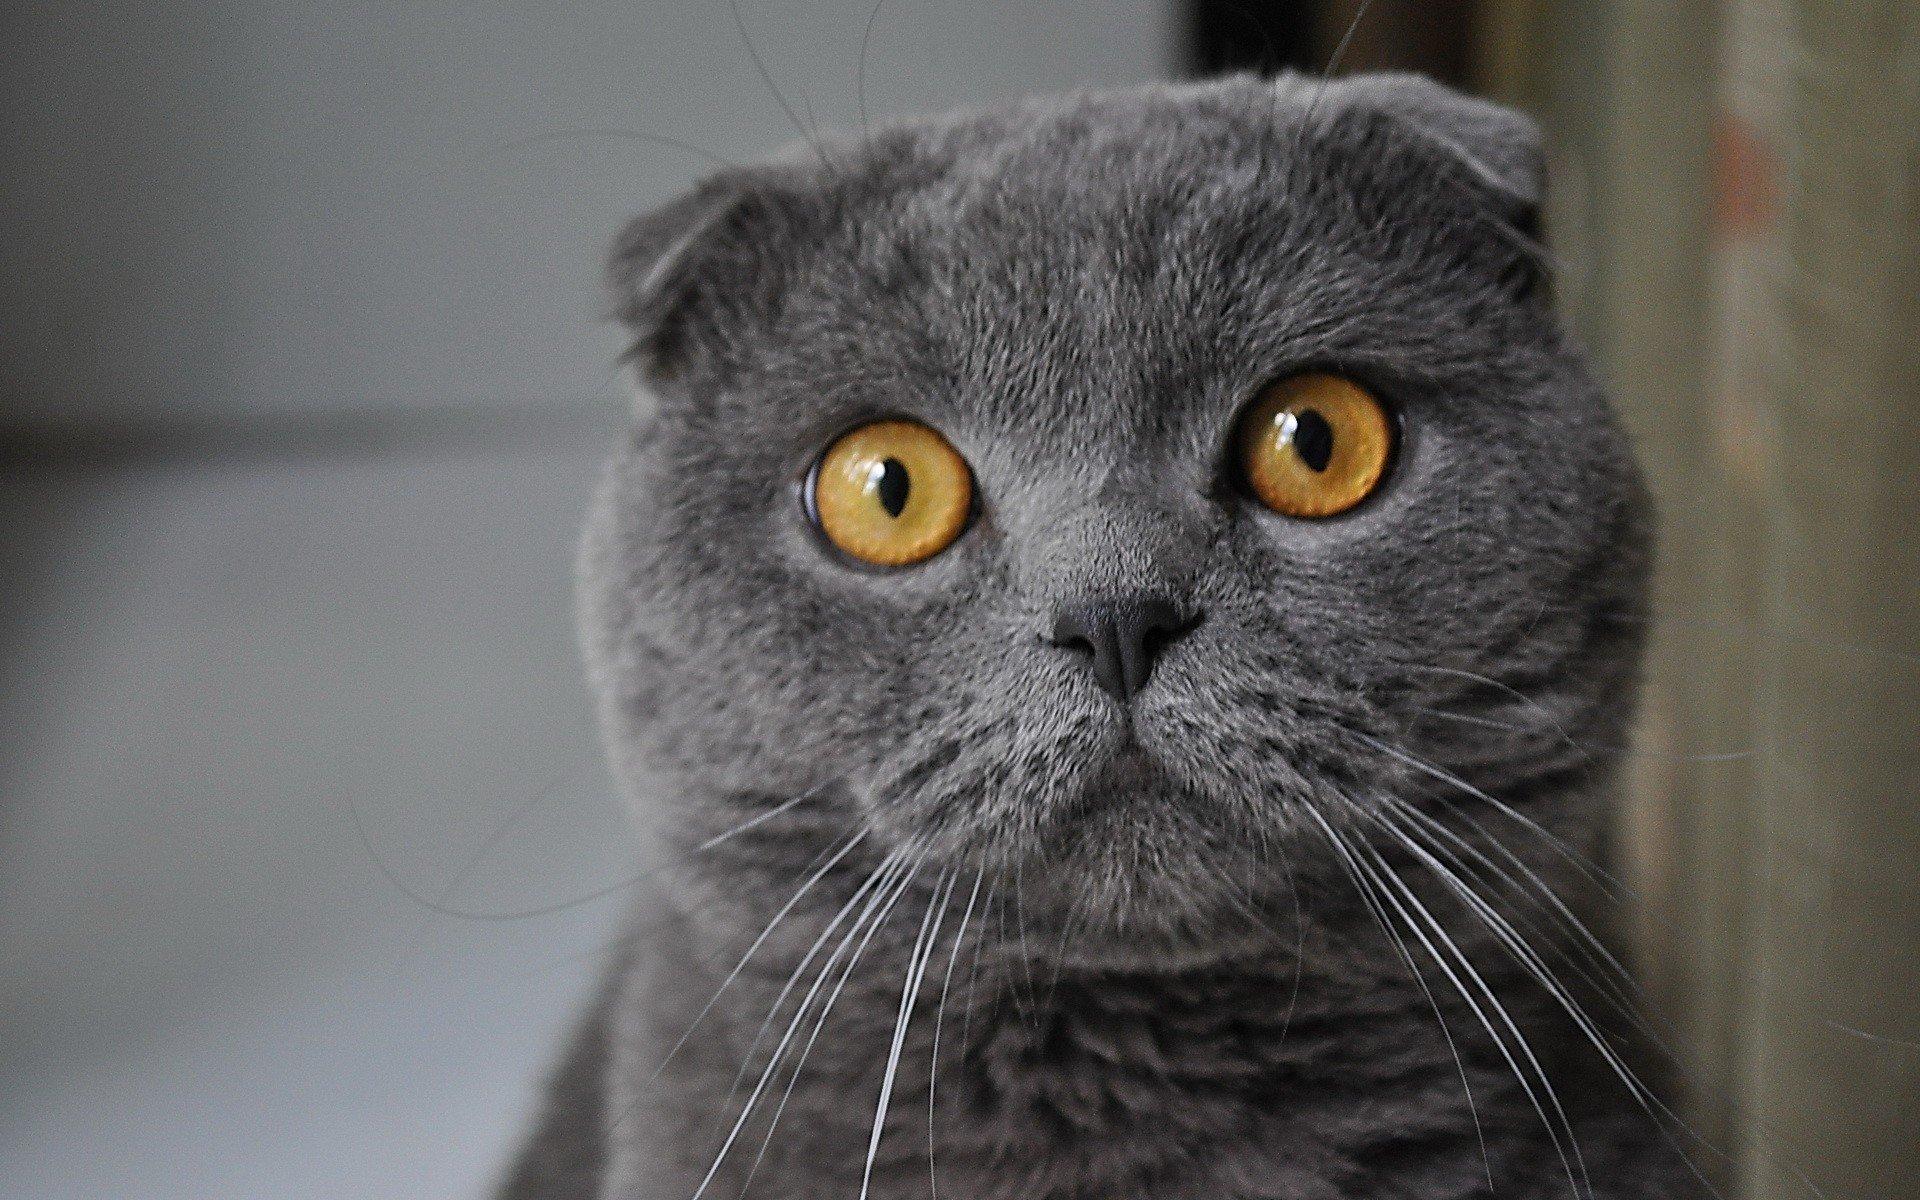 Картинки британских котов приколы, для поздравления